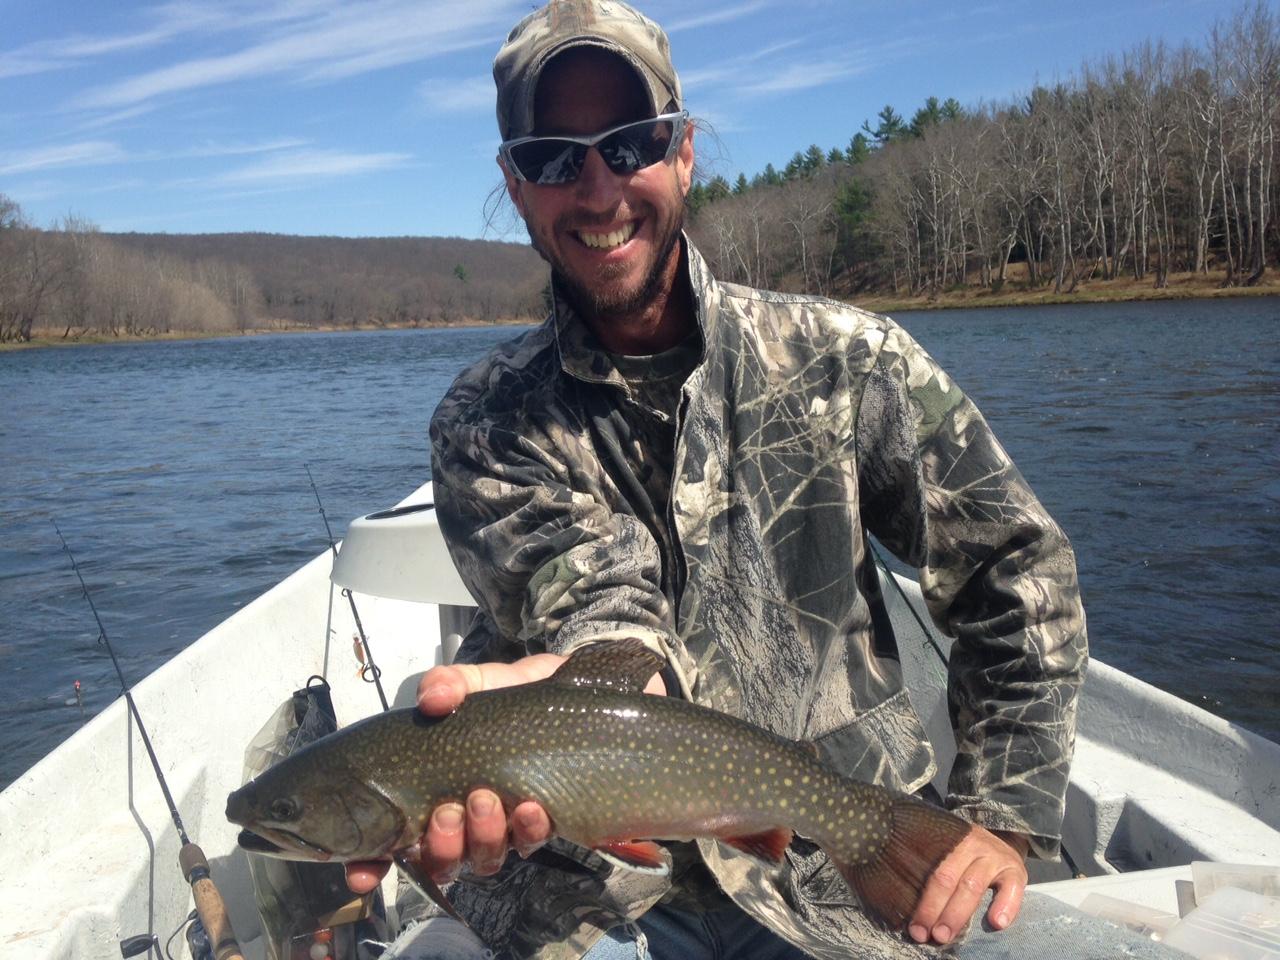 Matt boats this Monster Brook trout!